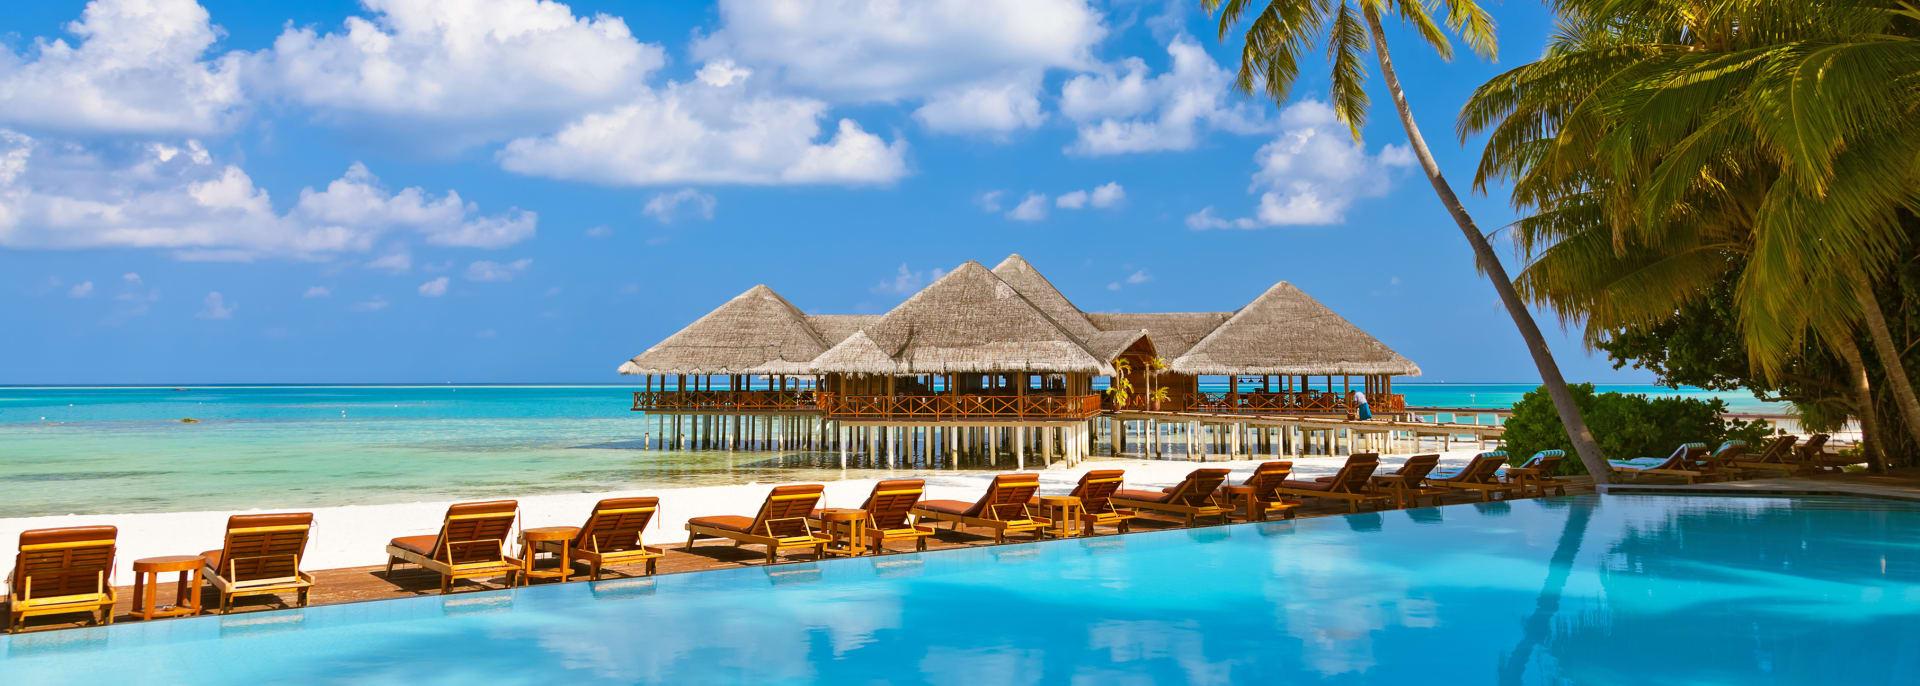 Strand und Insel, Malediven